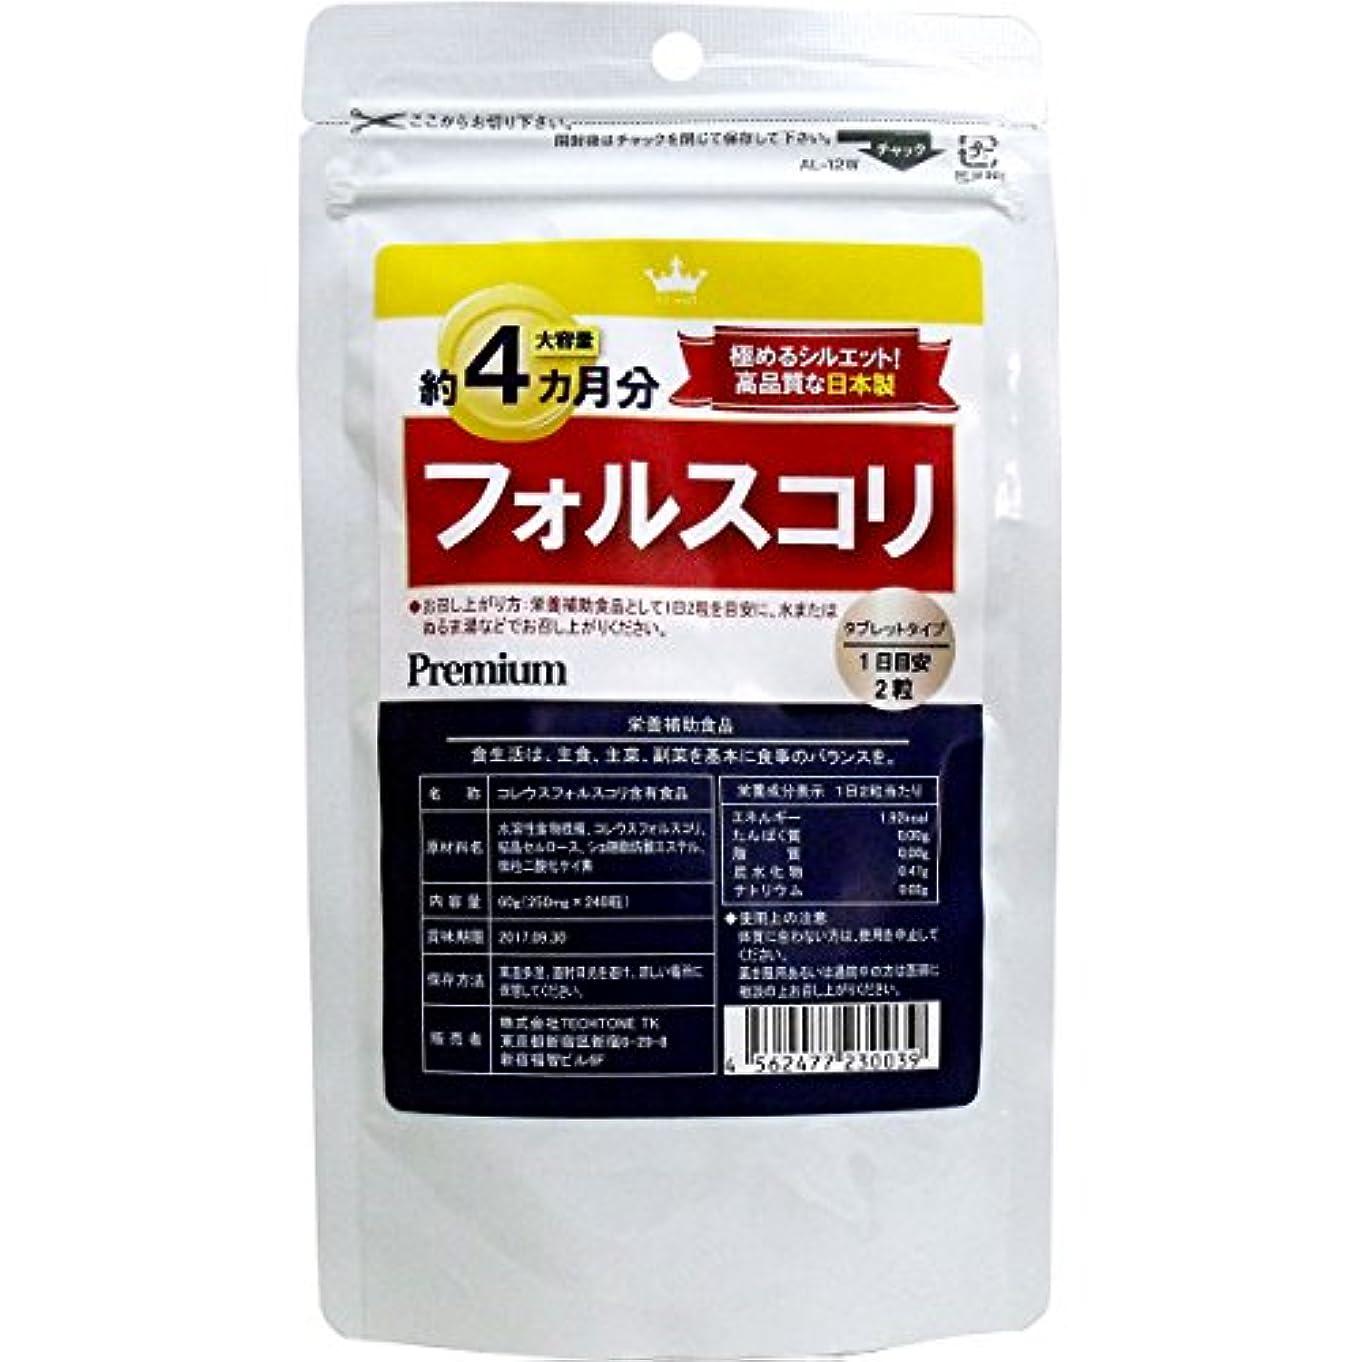 無意識解説摩擦ダイエット 高品質な日本製 人気 フォルスコリ 約4カ月分 240粒入